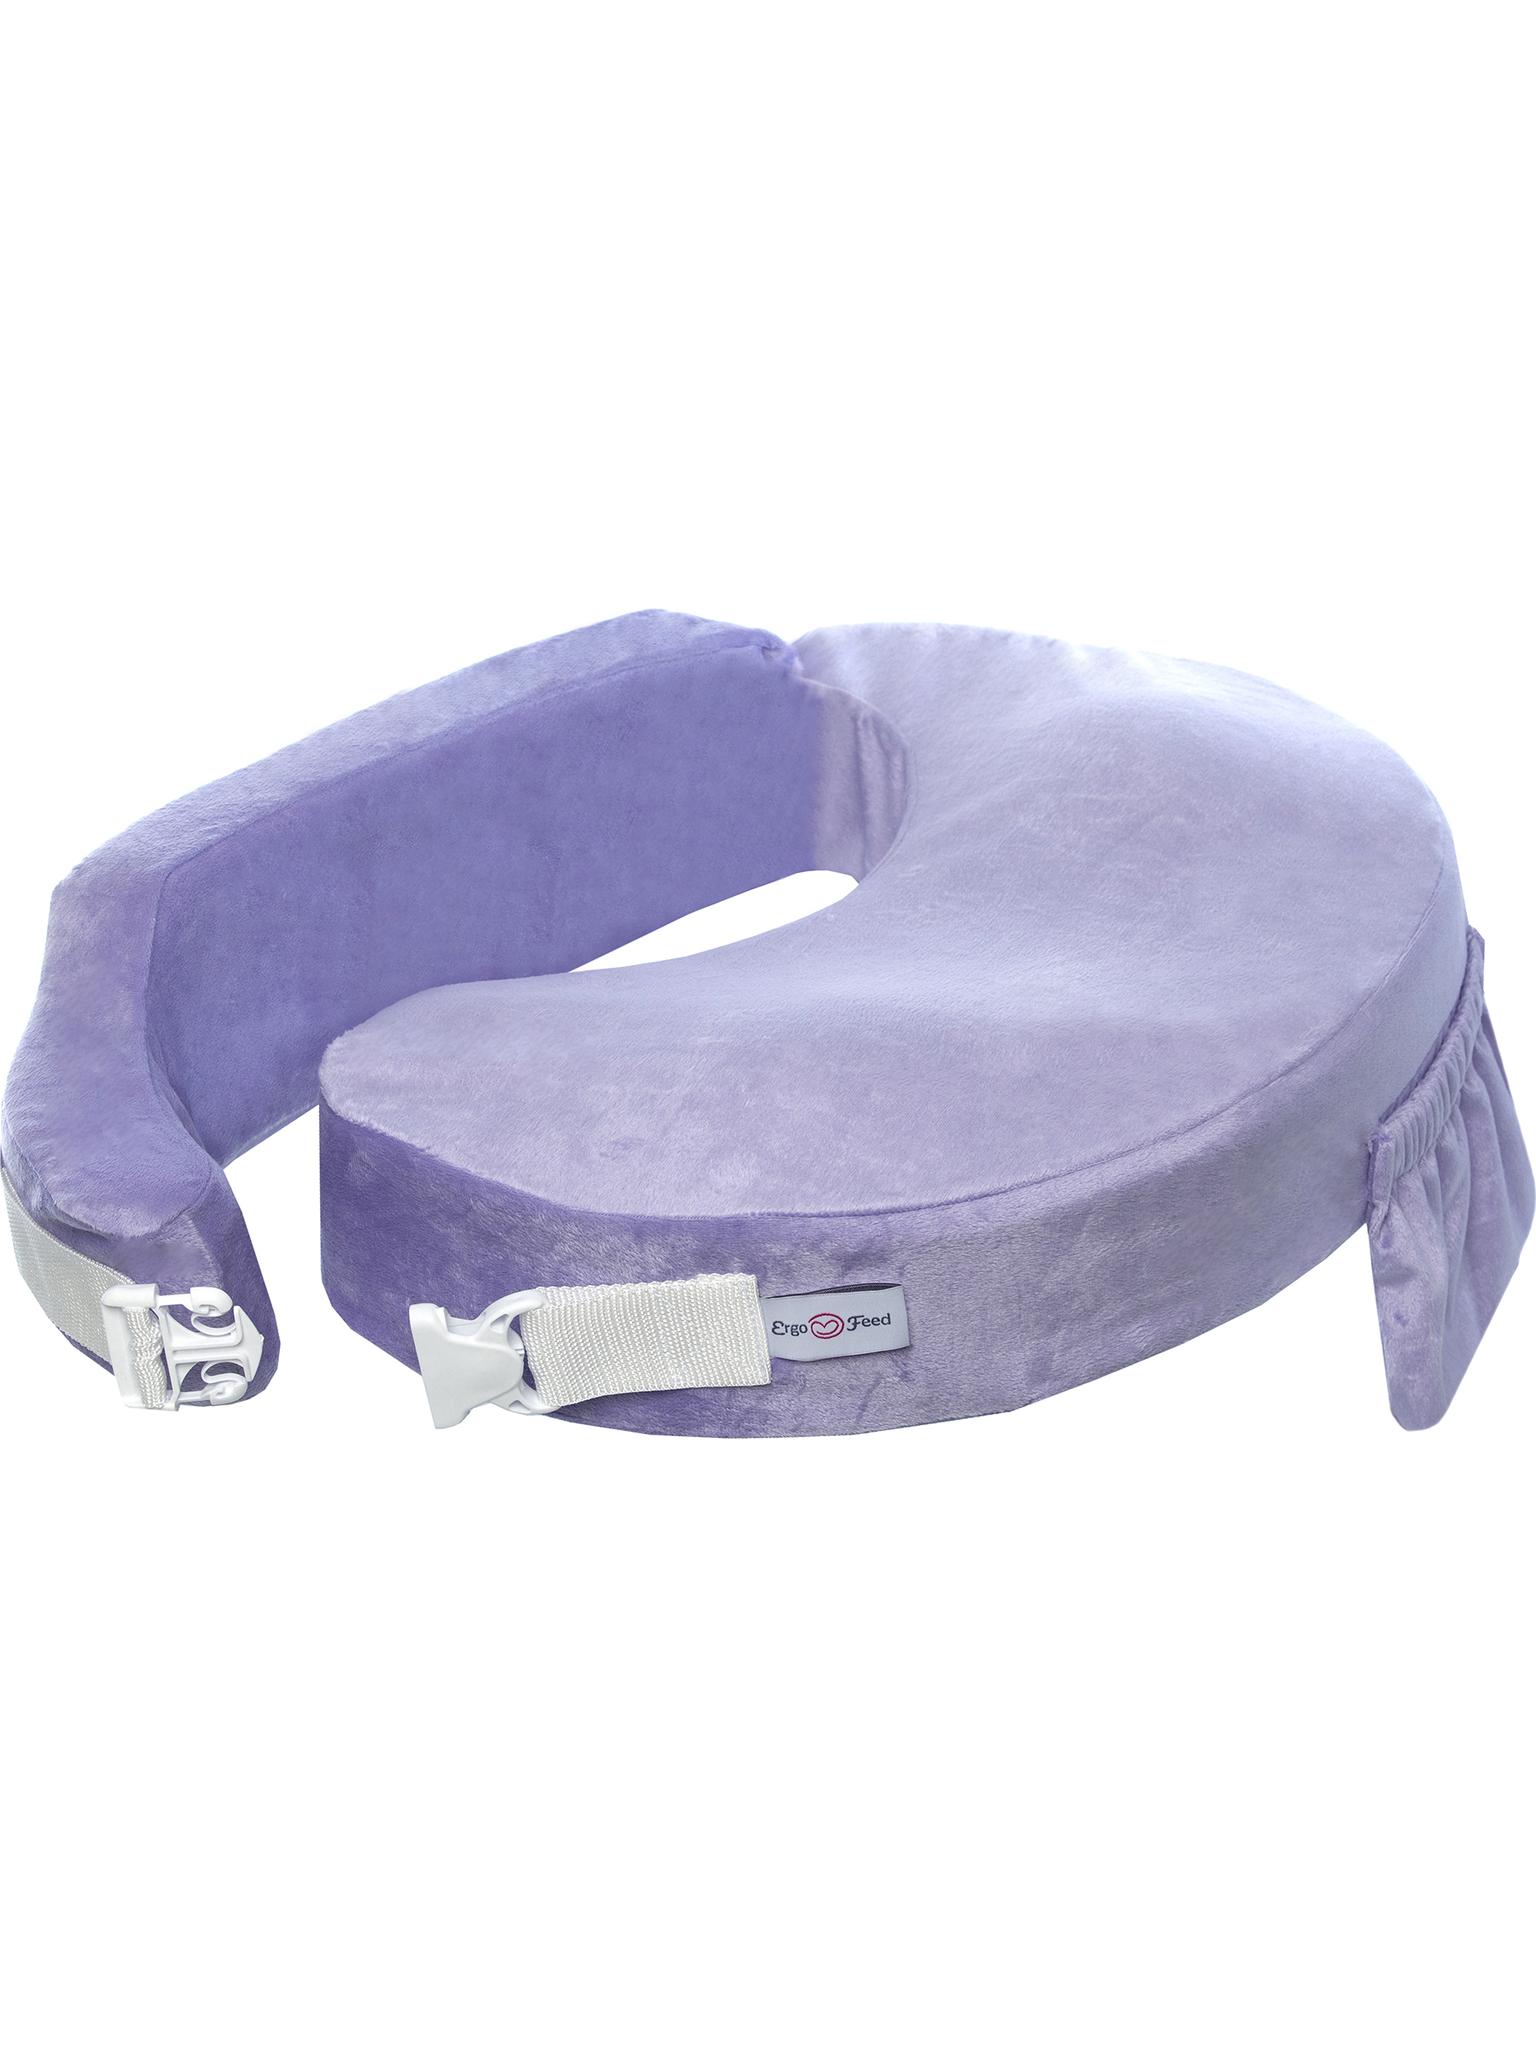 Подушка для кормления эргономичная ErgoFeed Гладь, фиолетовый